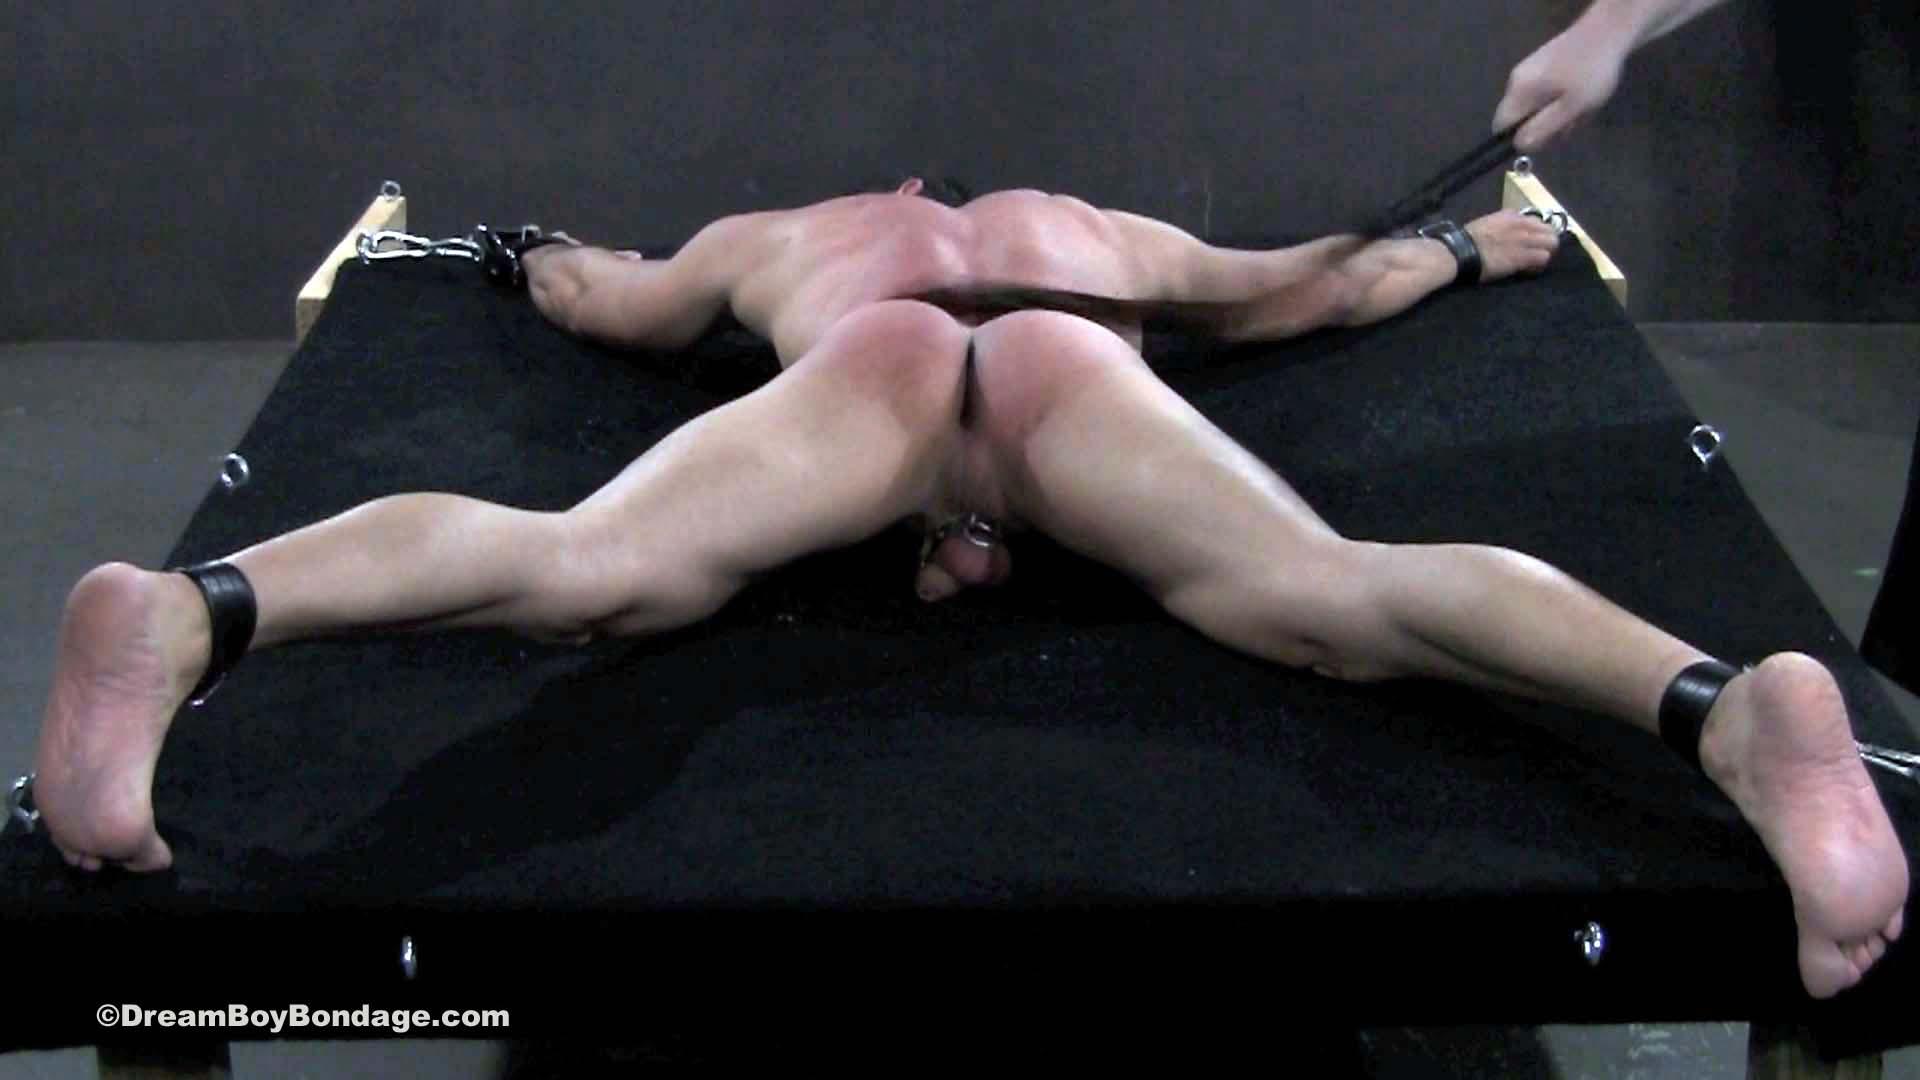 Overnight bondage